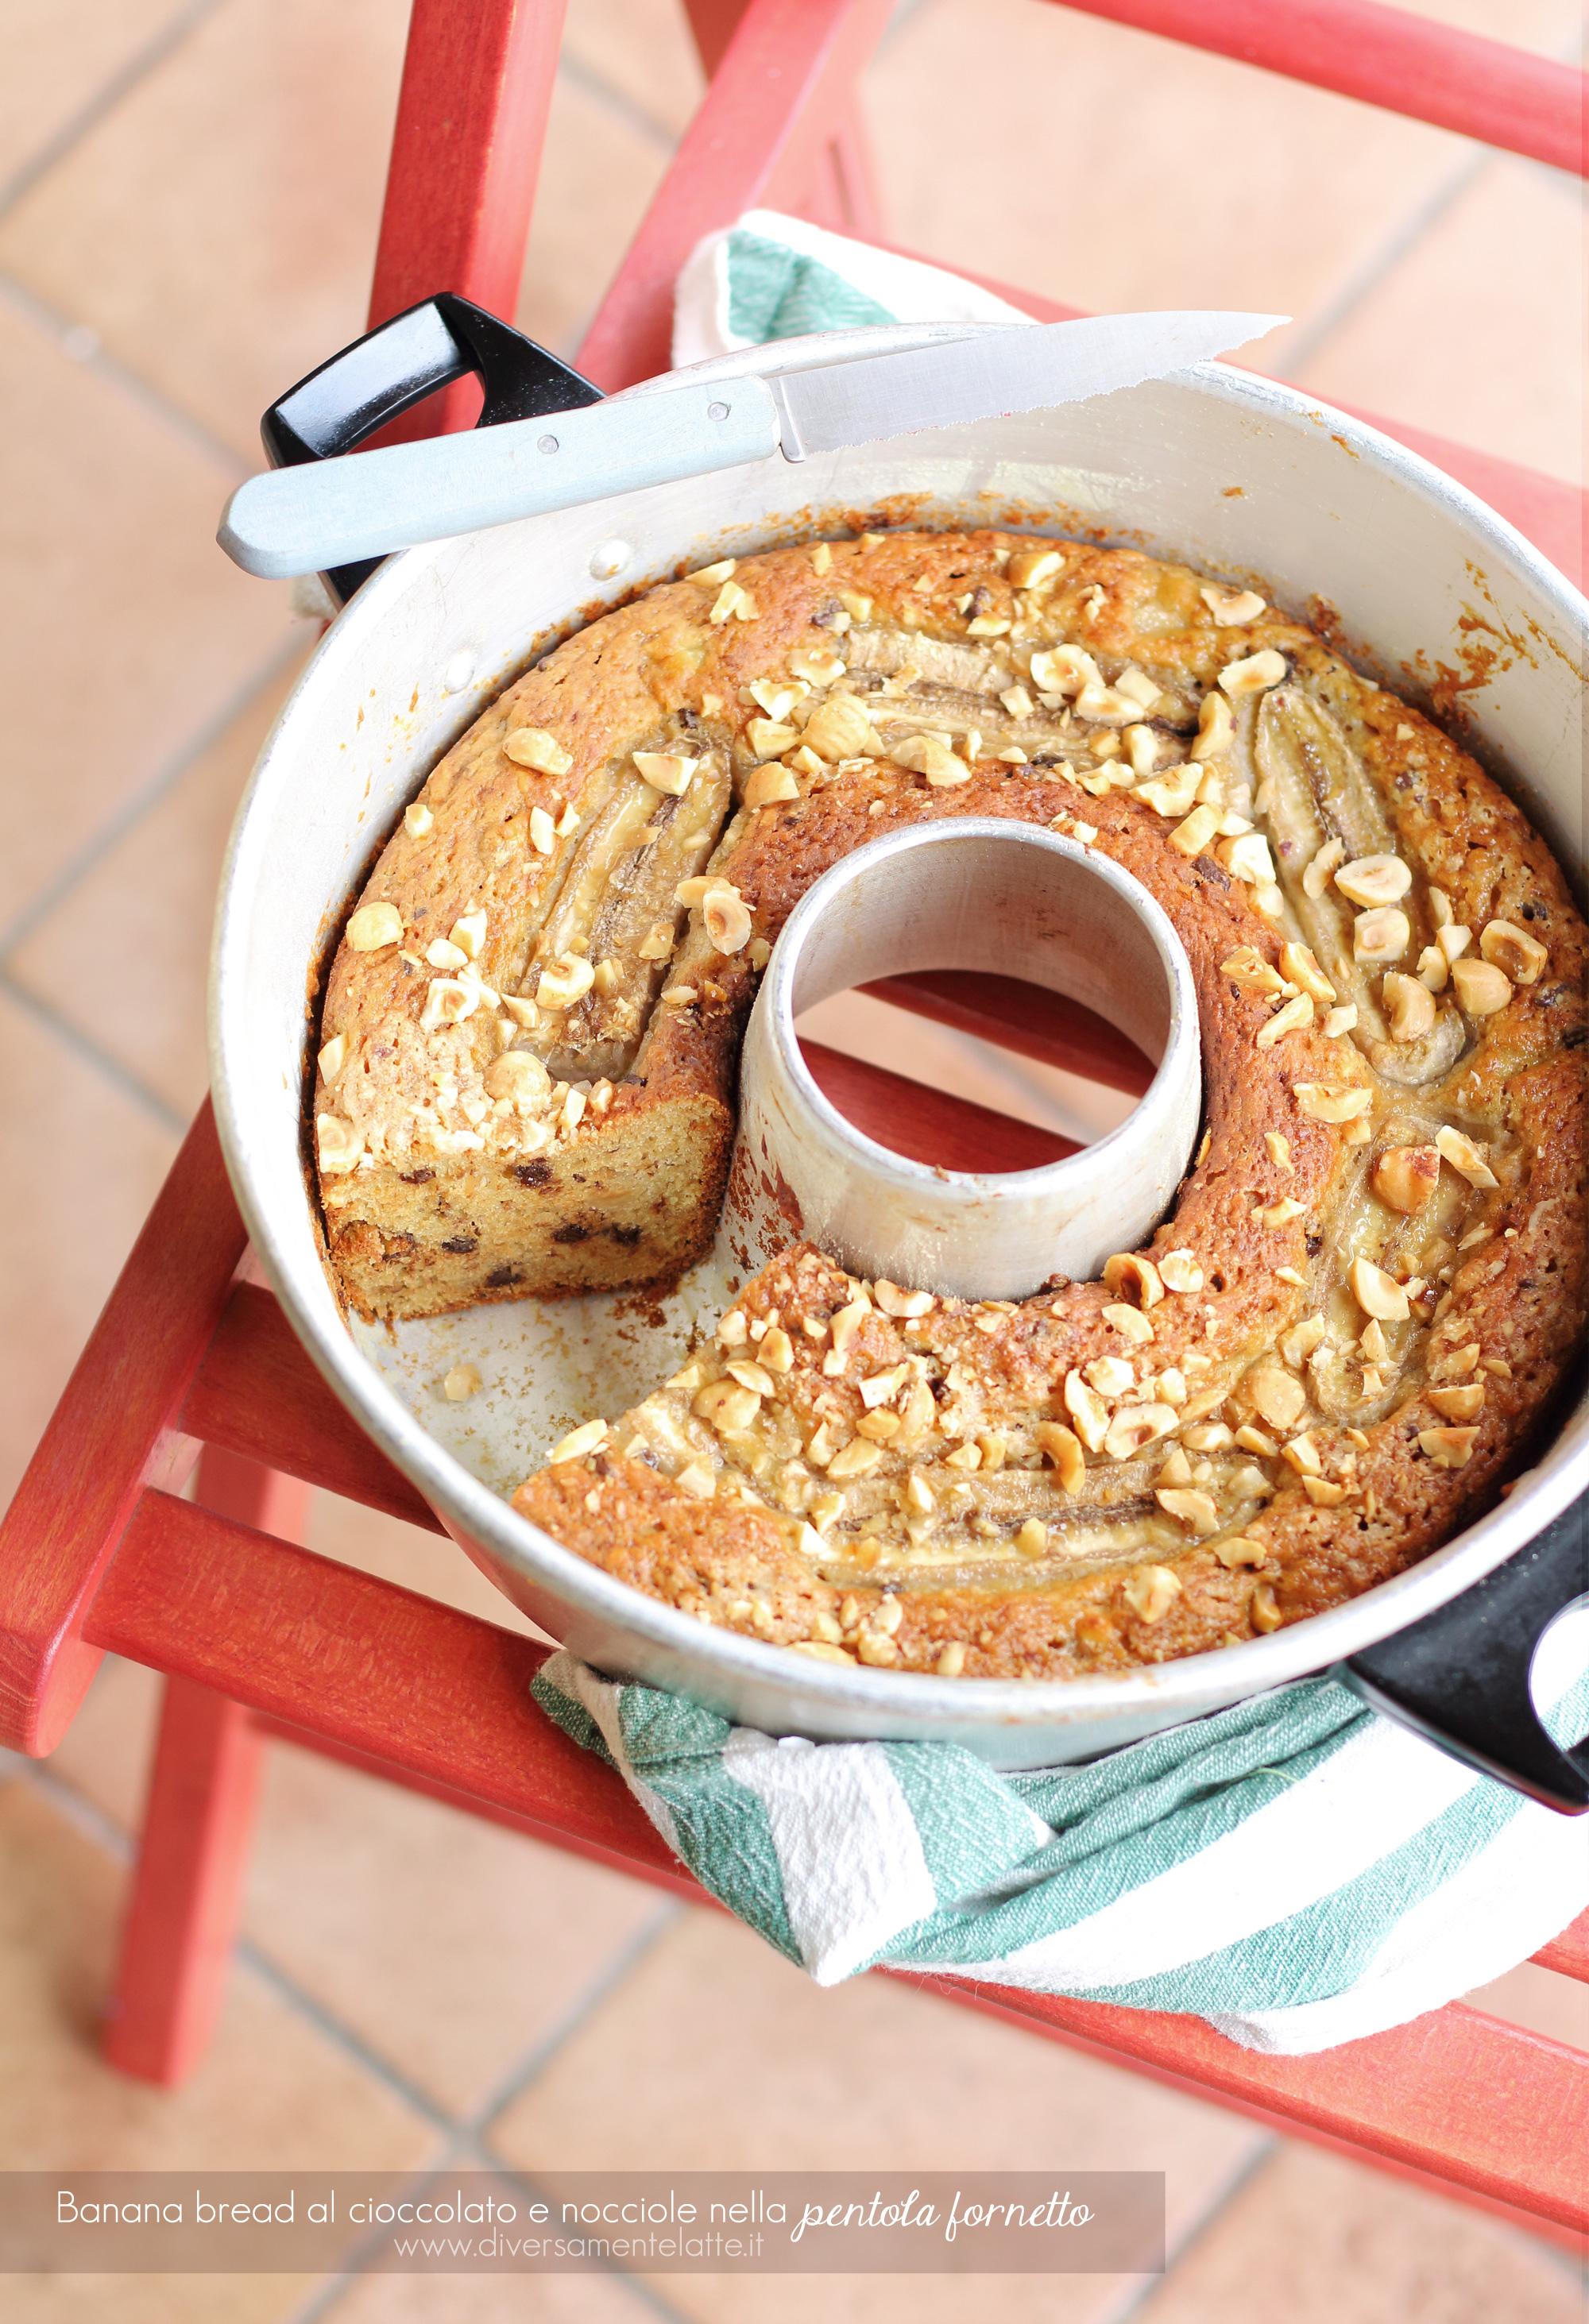 banana bread vegan nella pentola fornetto